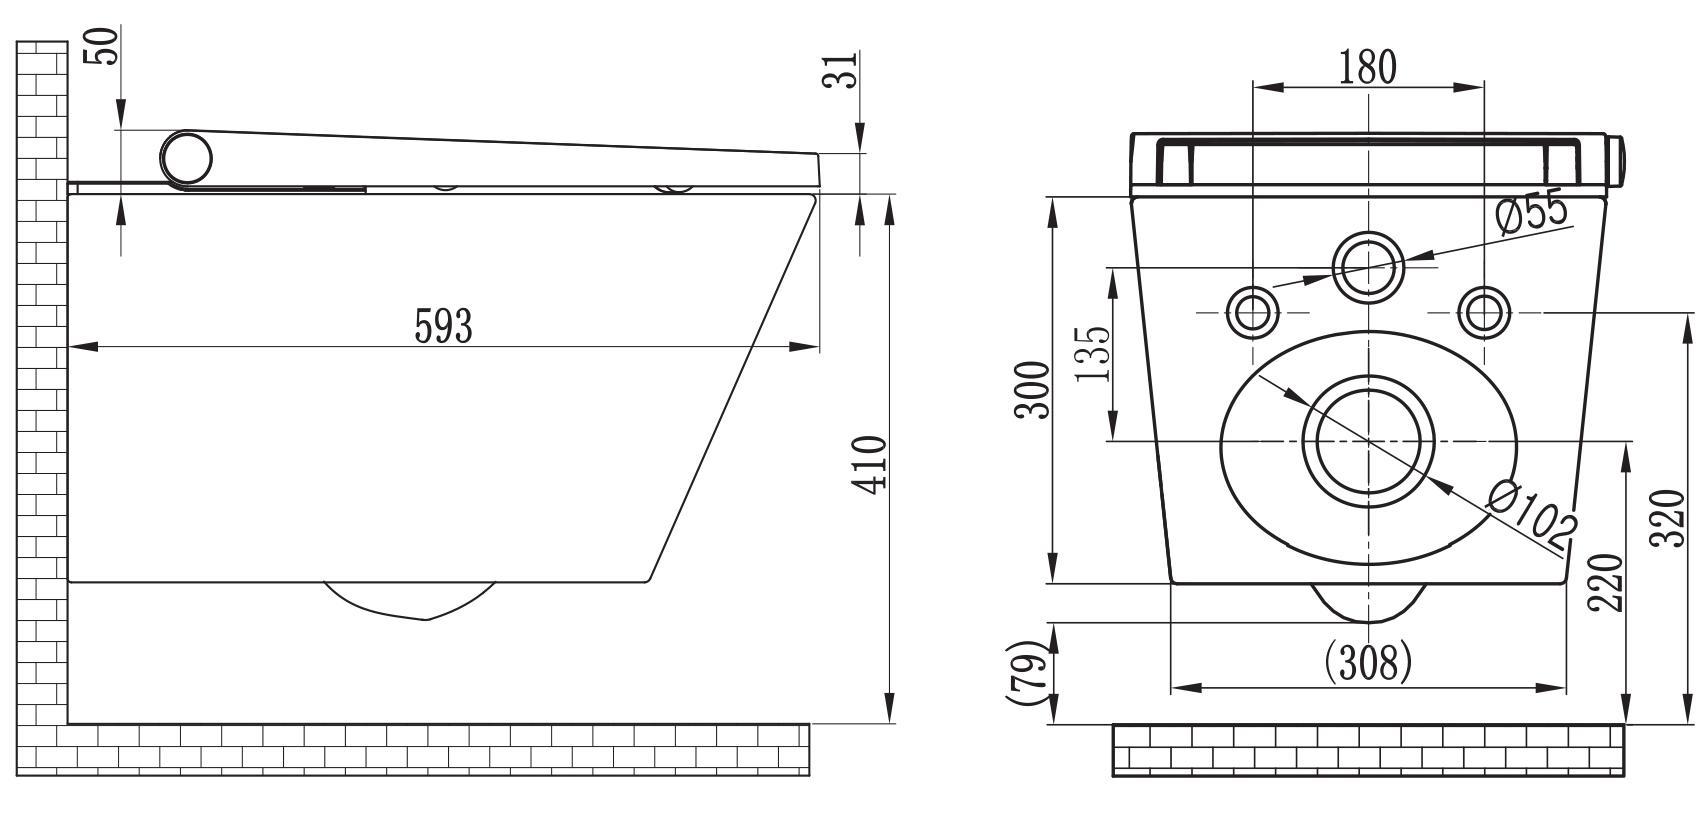 BERNSTEIN Dusch-WC Basic - Zeichnung 1